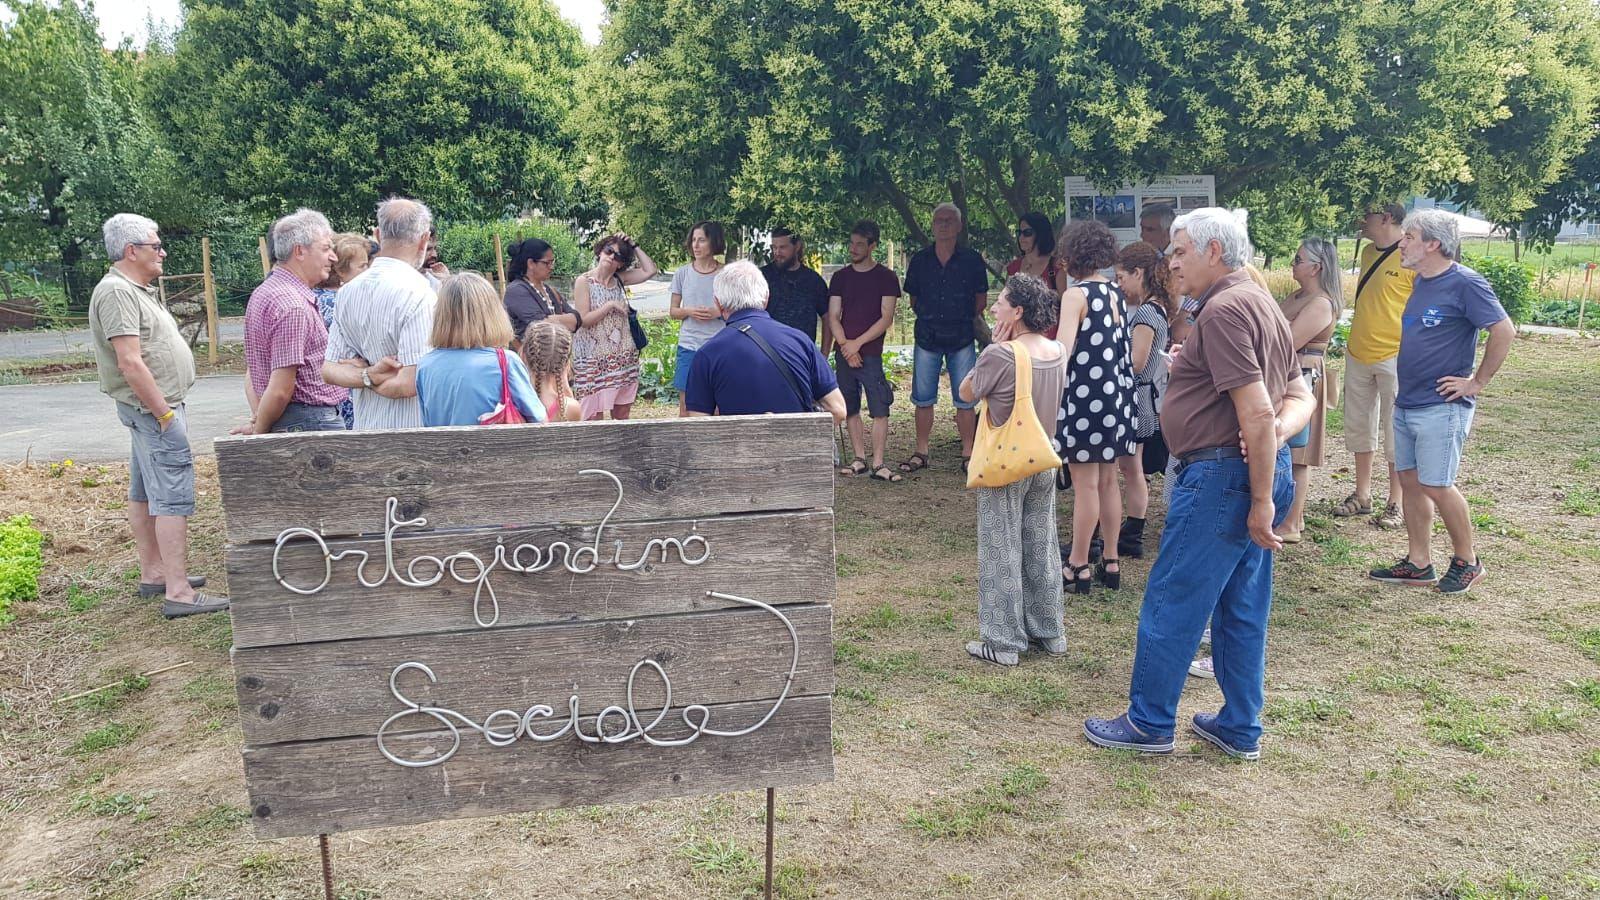 CASTELLAMONTE - Inaugurato l'orto giardino sociale - VIDEO